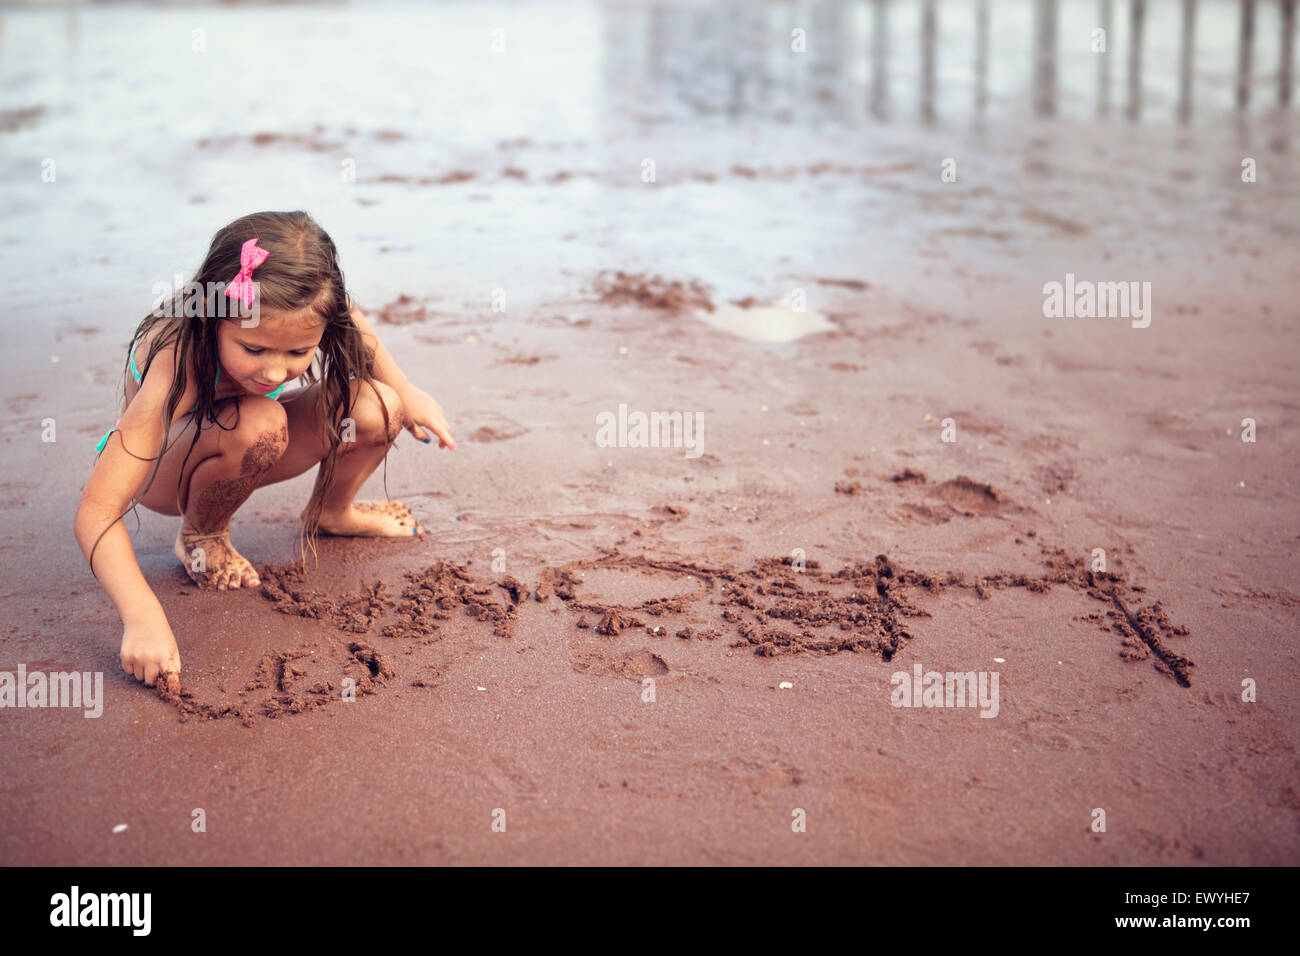 Chica escrito en la arena Imagen De Stock